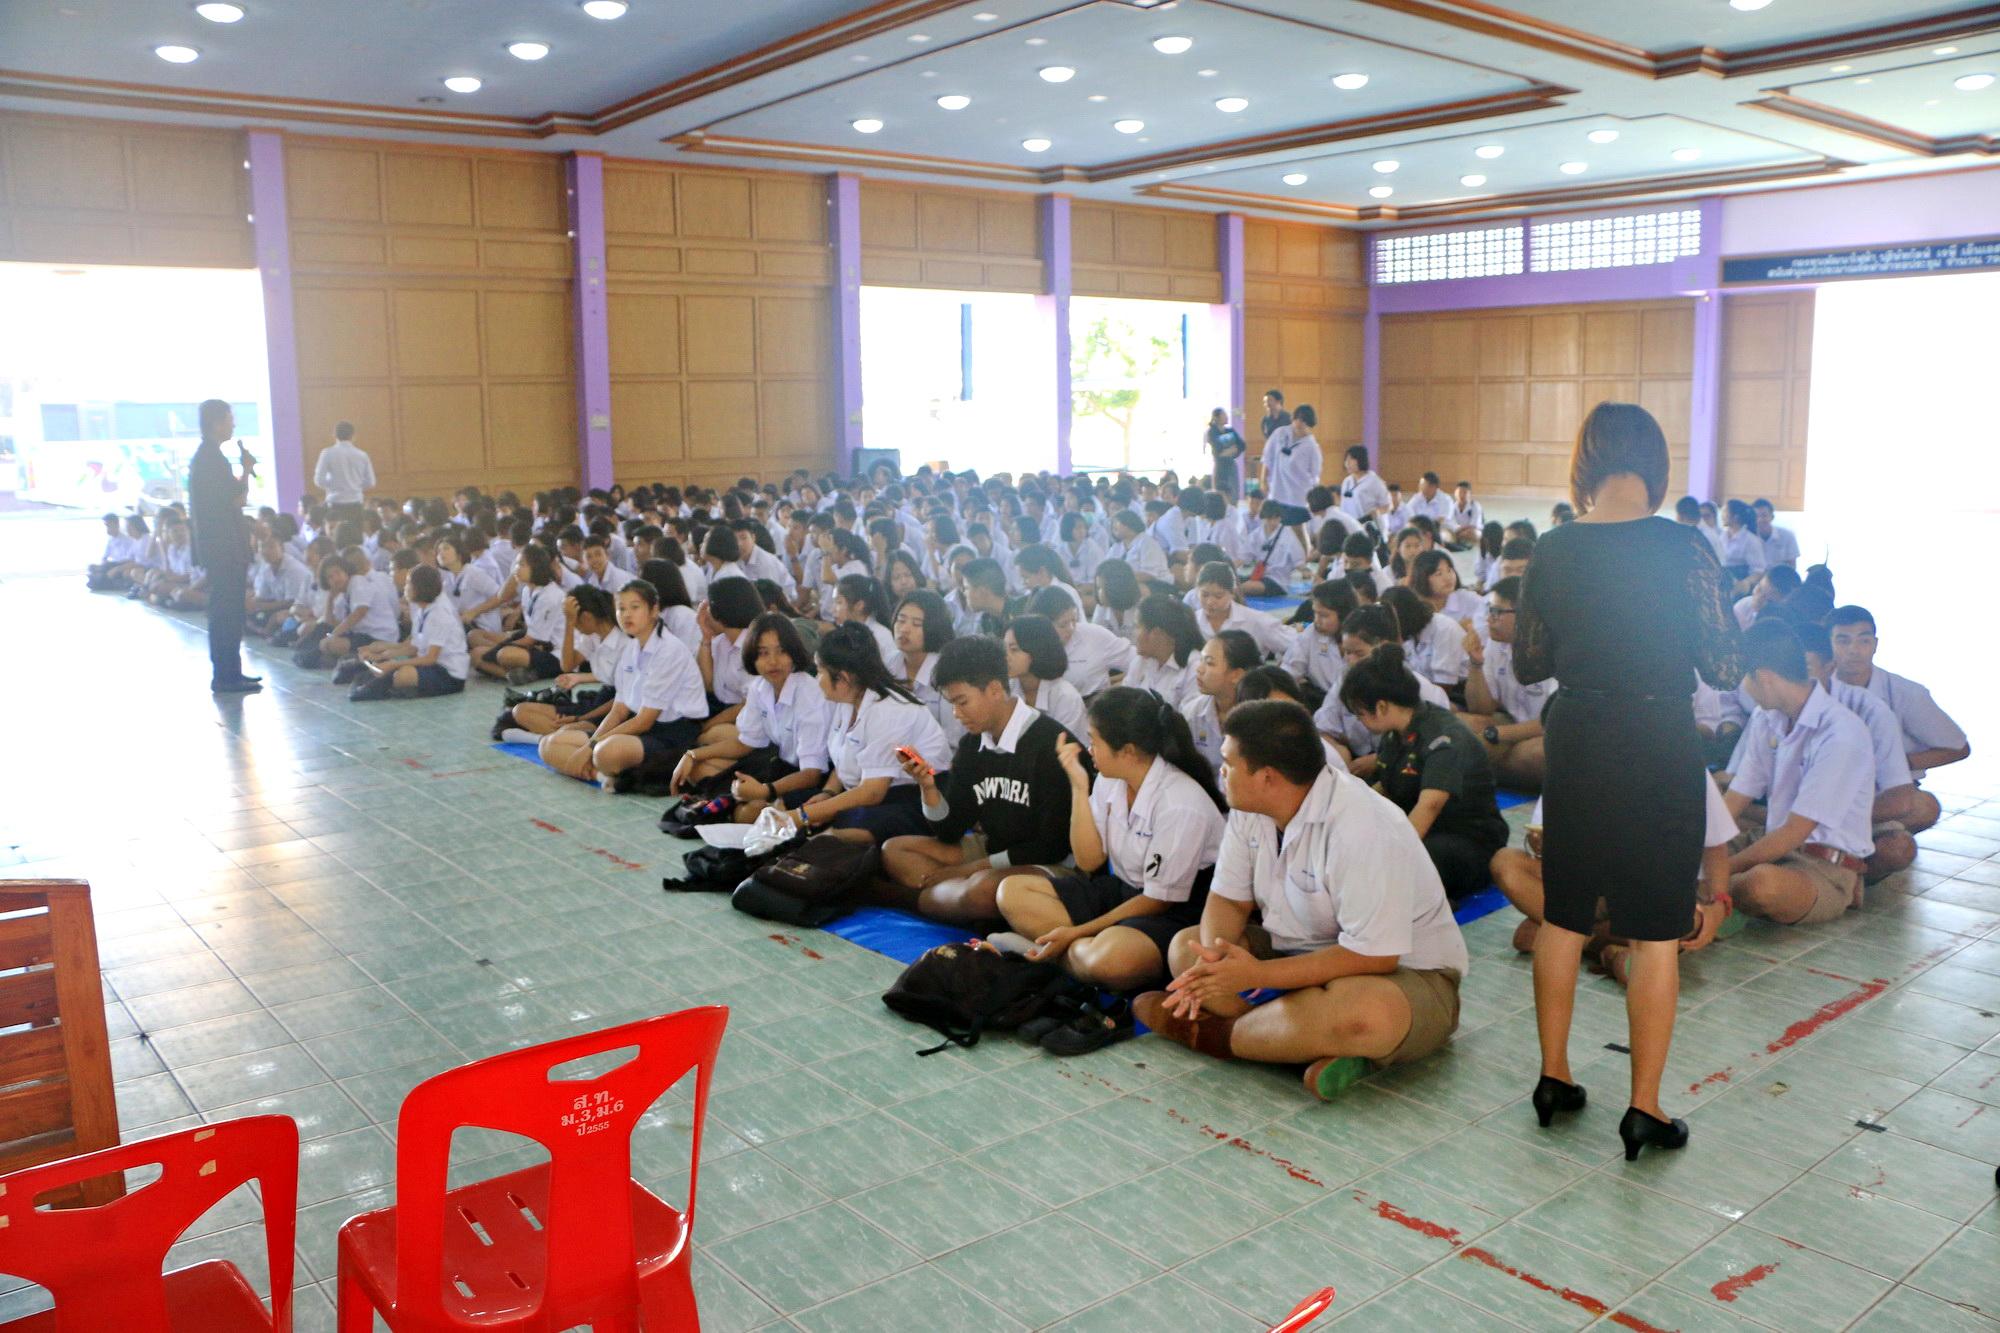 โครงการเตรียมความพร้อมแก่กำลังแรงงาน ครั้งที่ 1/2560